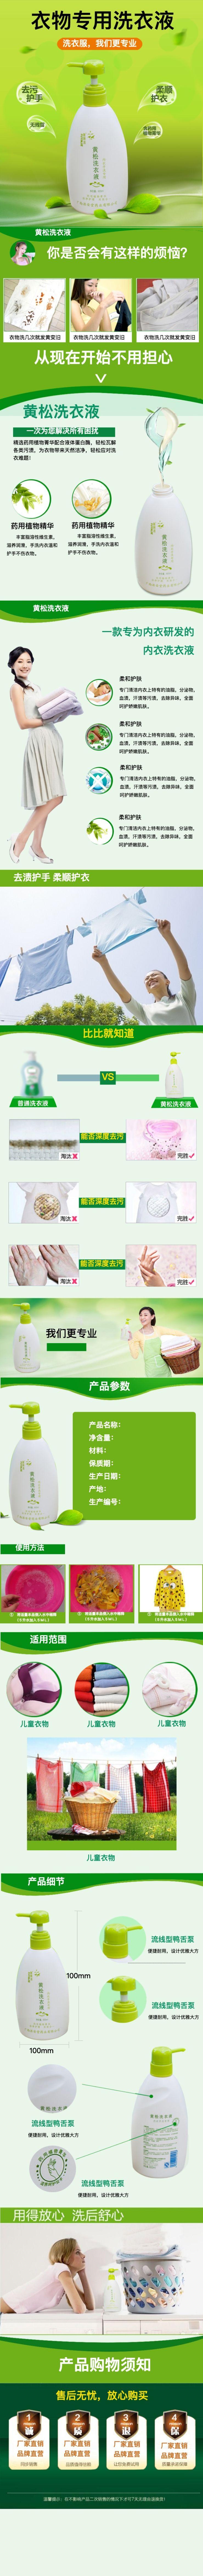 绿色清新护手洗衣液电商详情图